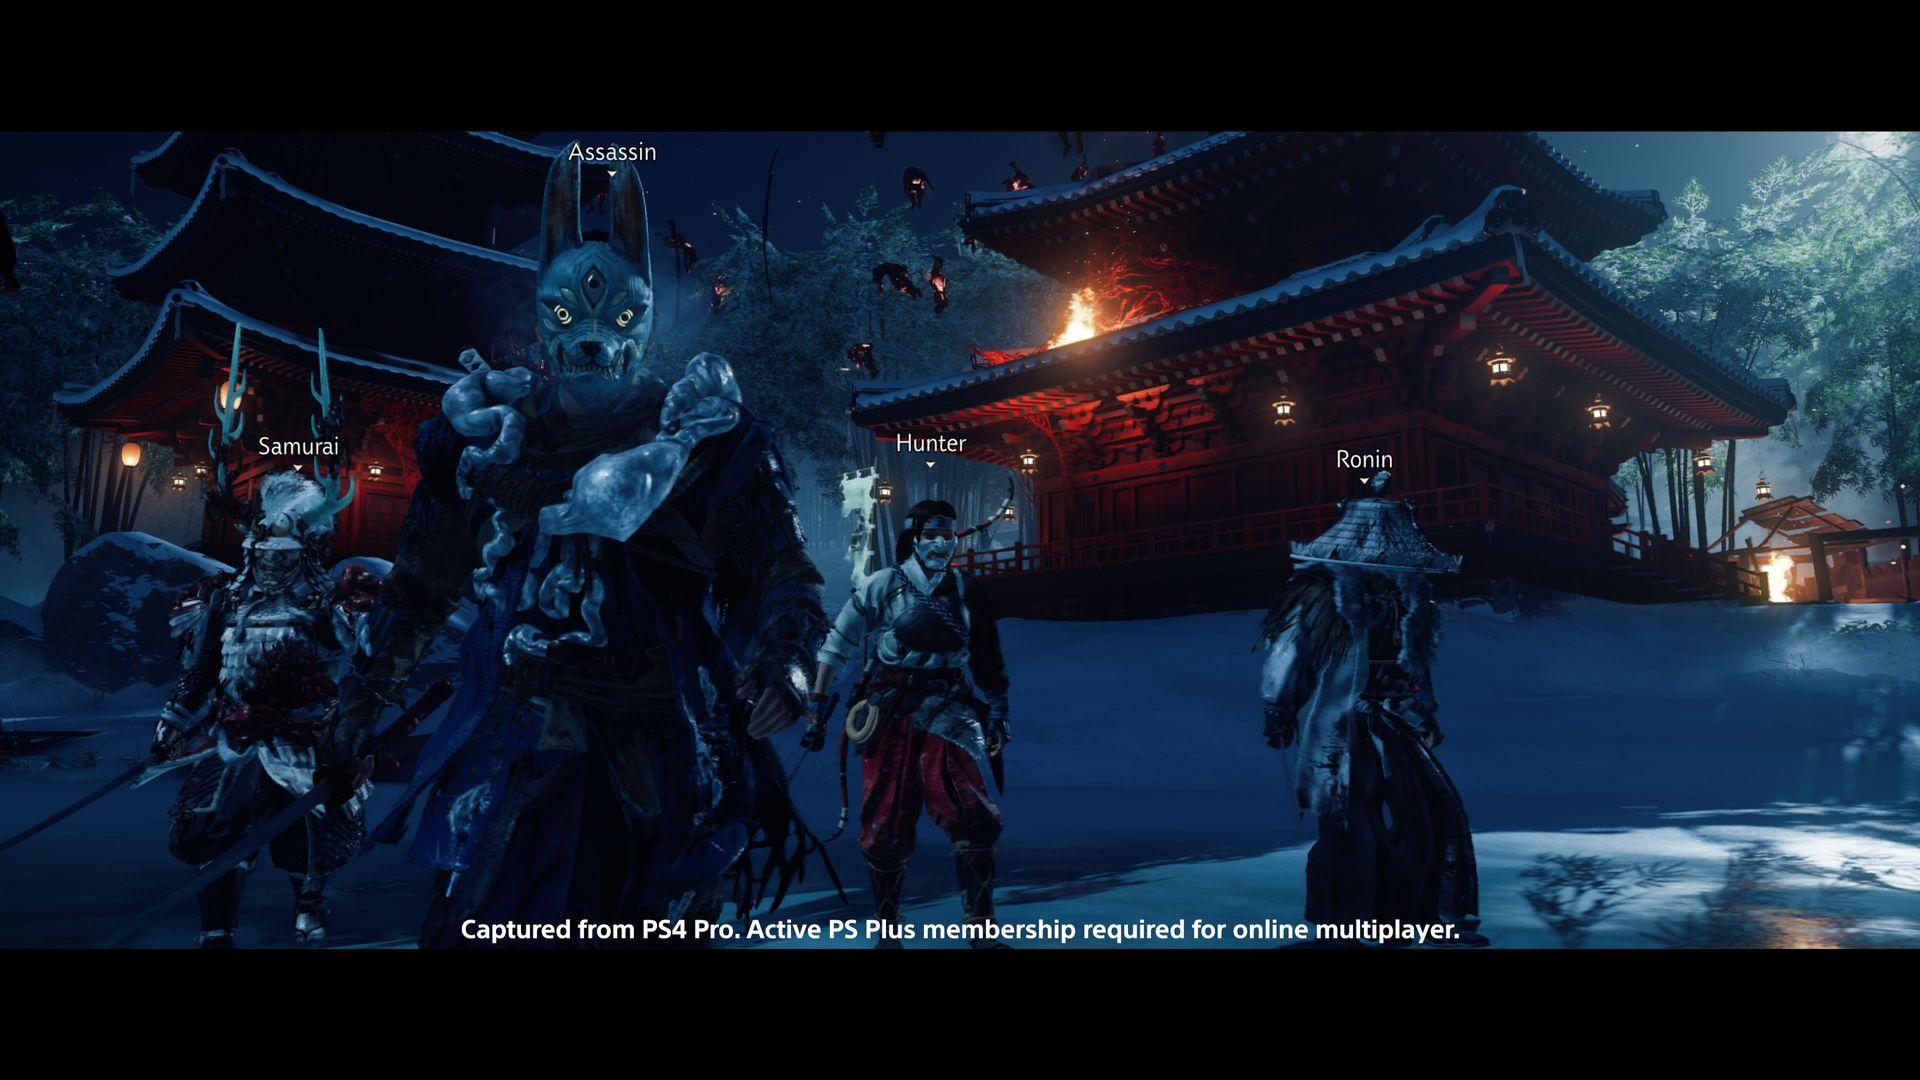 Un nouveau mode jouable en coopération arrive — Ghost of Tsushima